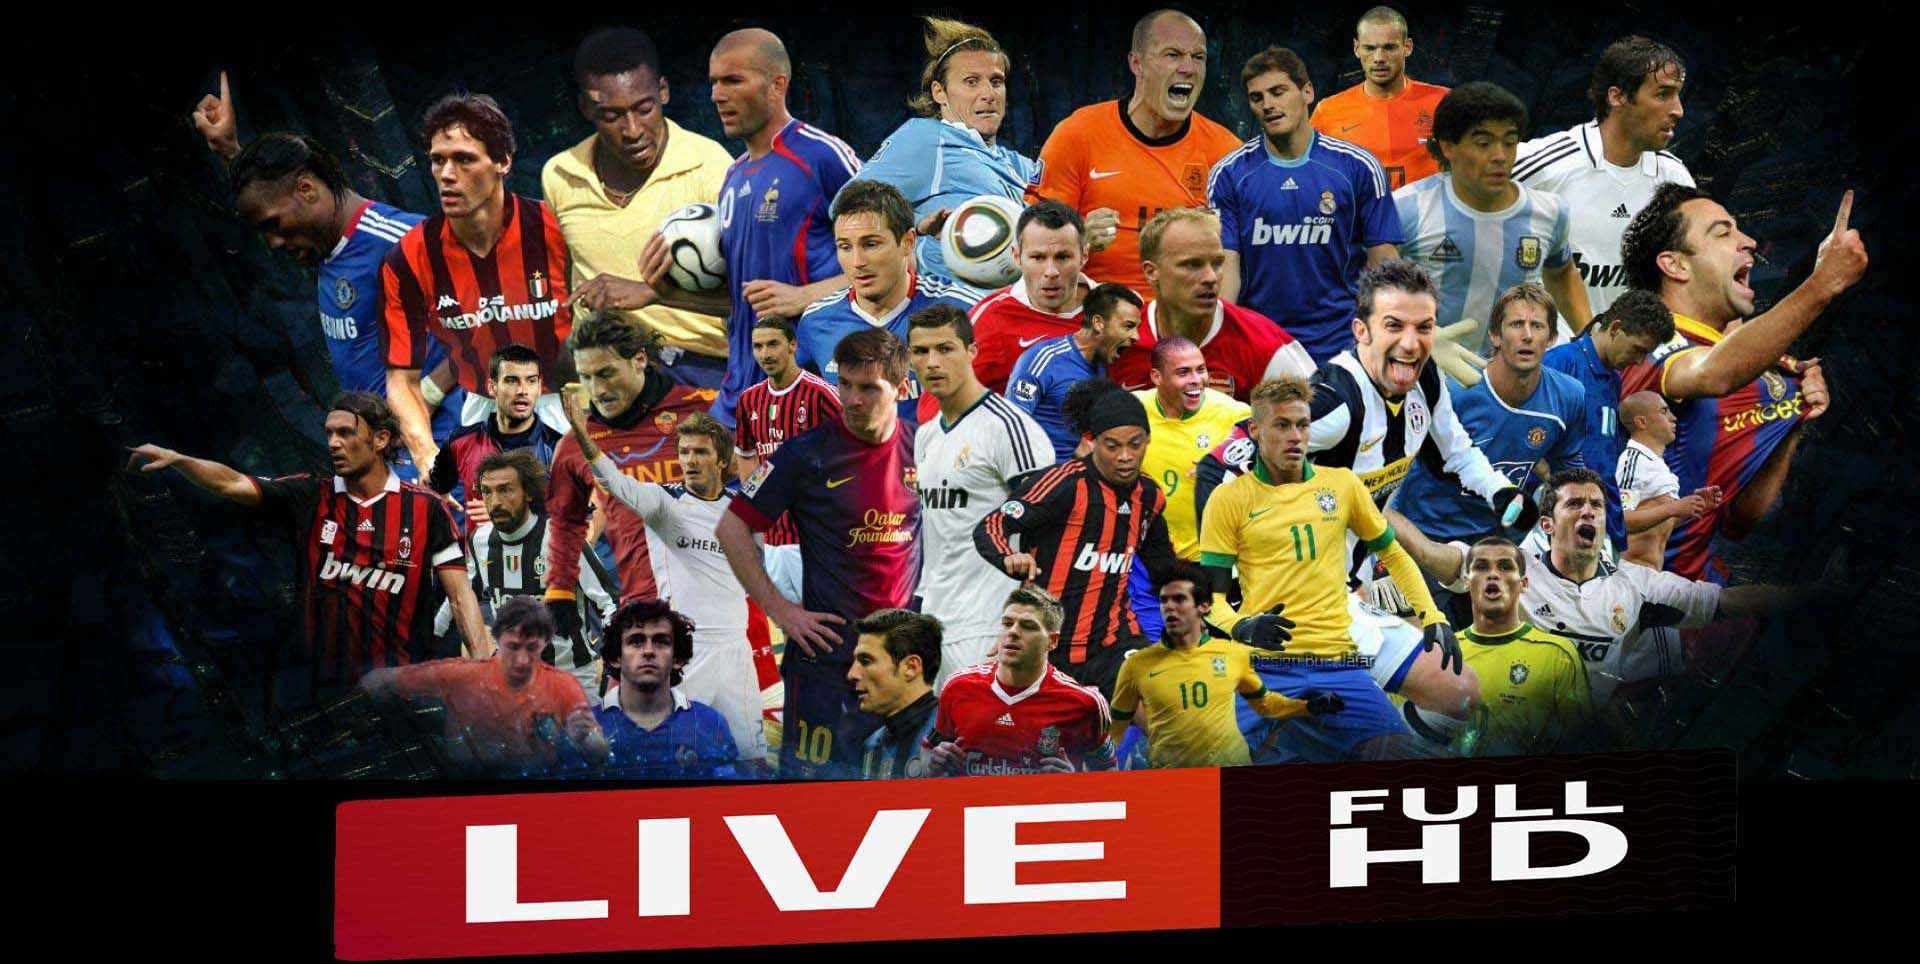 sporting-cp-vs-legia-football-live